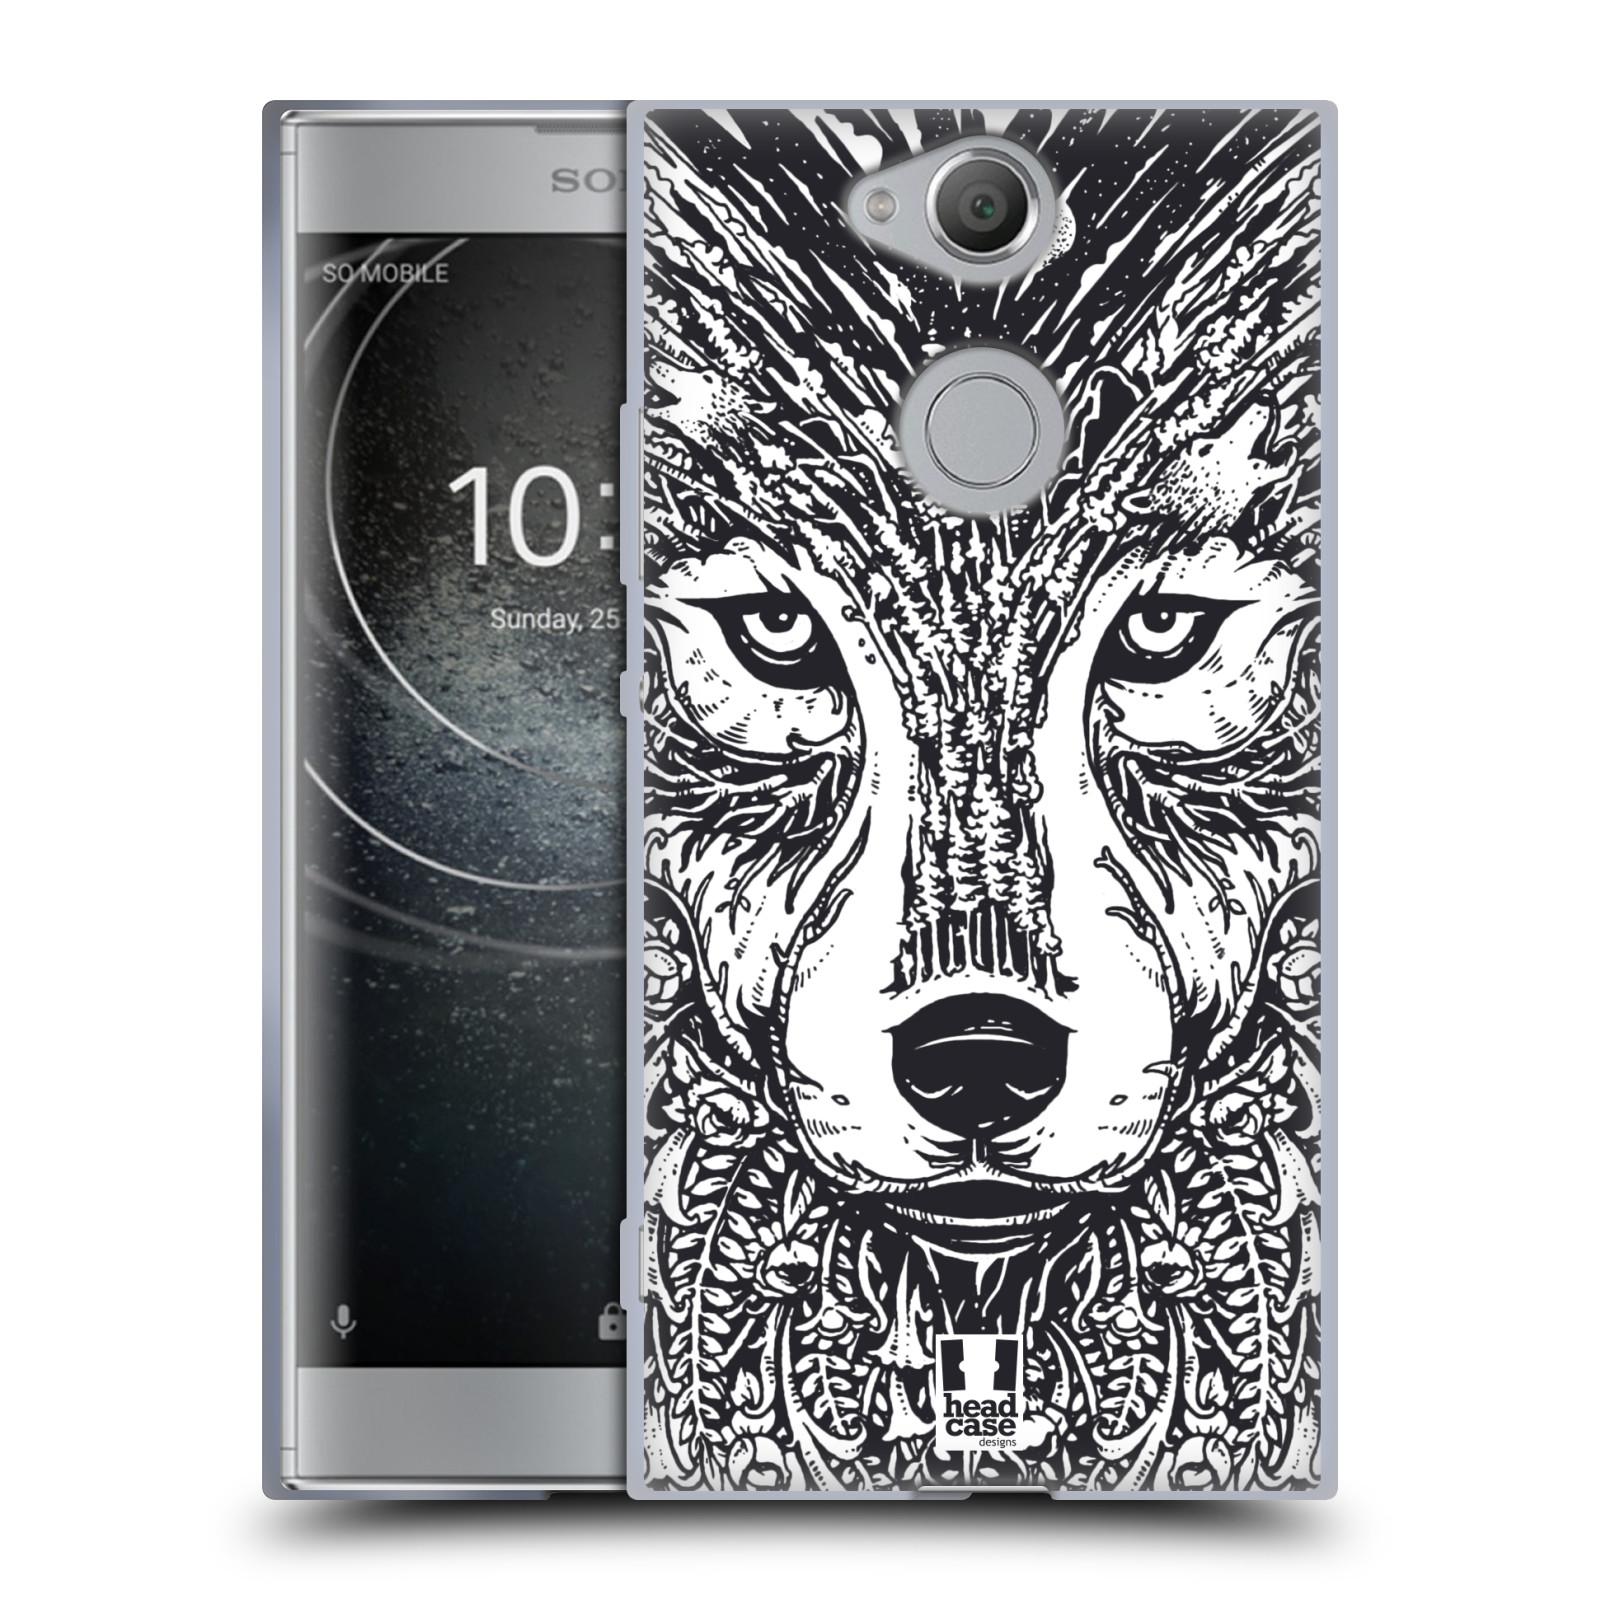 Silikonové pouzdro na mobil Sony Xperia XA2 - Head Case - DOODLE TVÁŘ VLK (Silikonový kryt či obal na mobilní telefon Sony Xperia XA2 H4113 s motivem DOODLE TVÁŘ VLK)